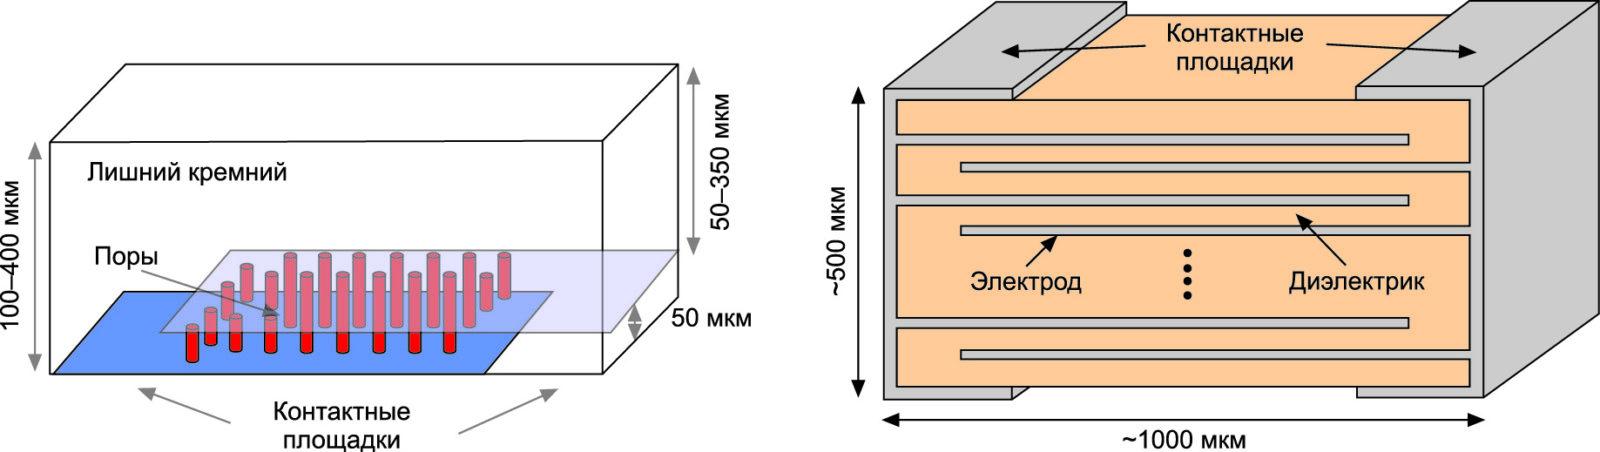 Относительные размеры 3D- и MLCC-конденсаторов